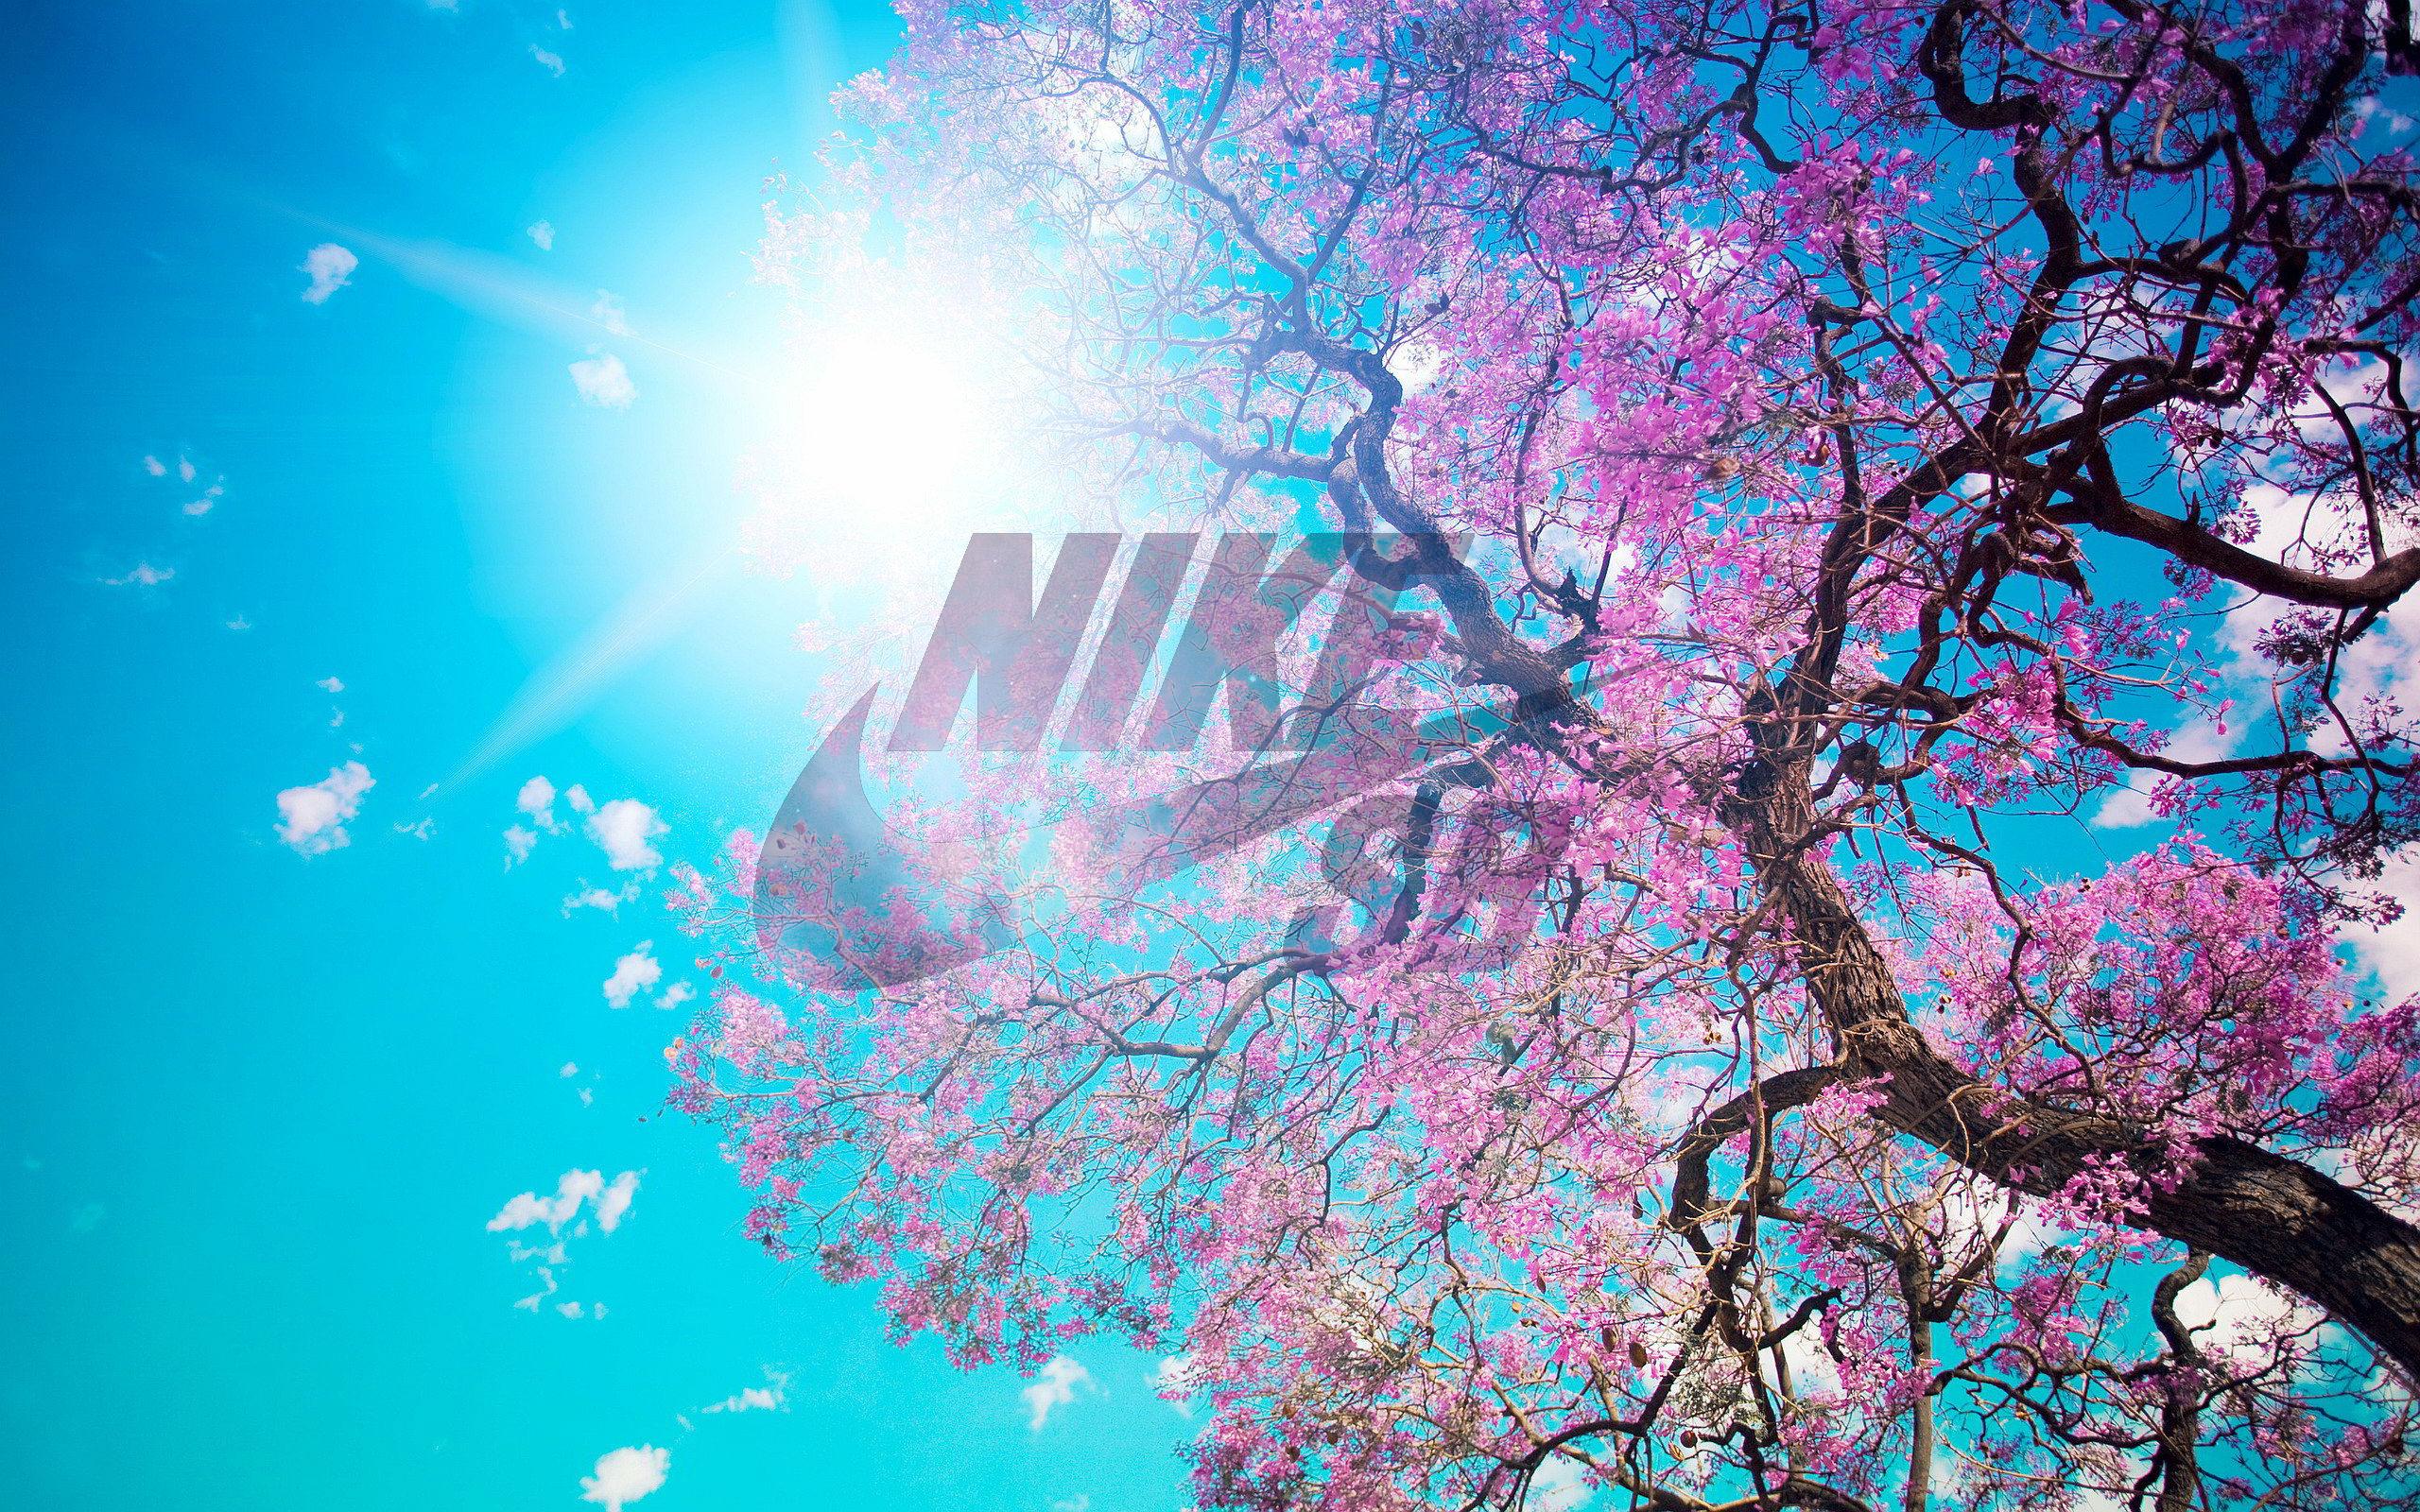 Nike free run tumblr